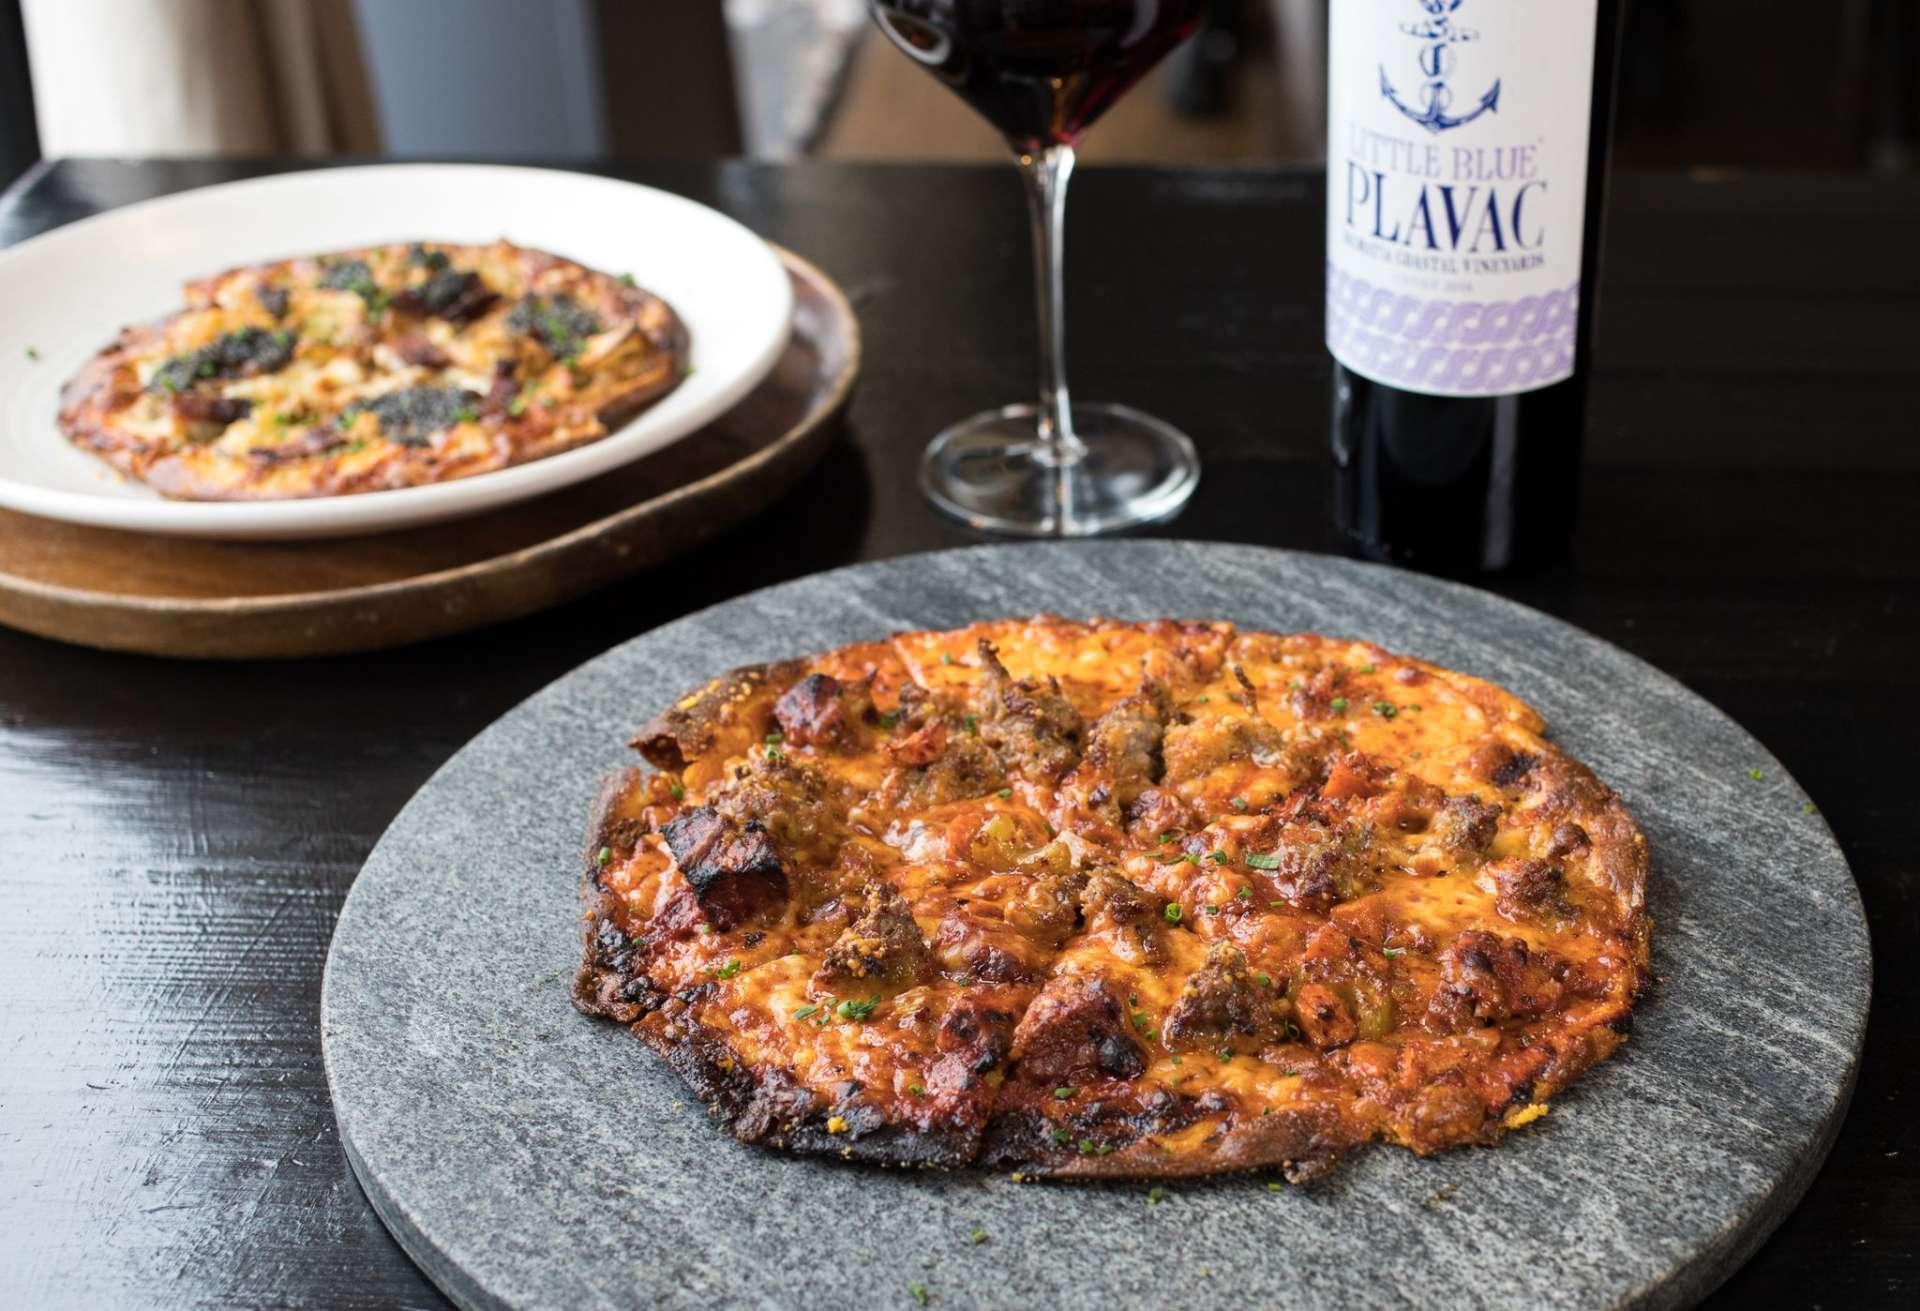 Heritage Restaurant & Caviar Bar fall resaturant specials